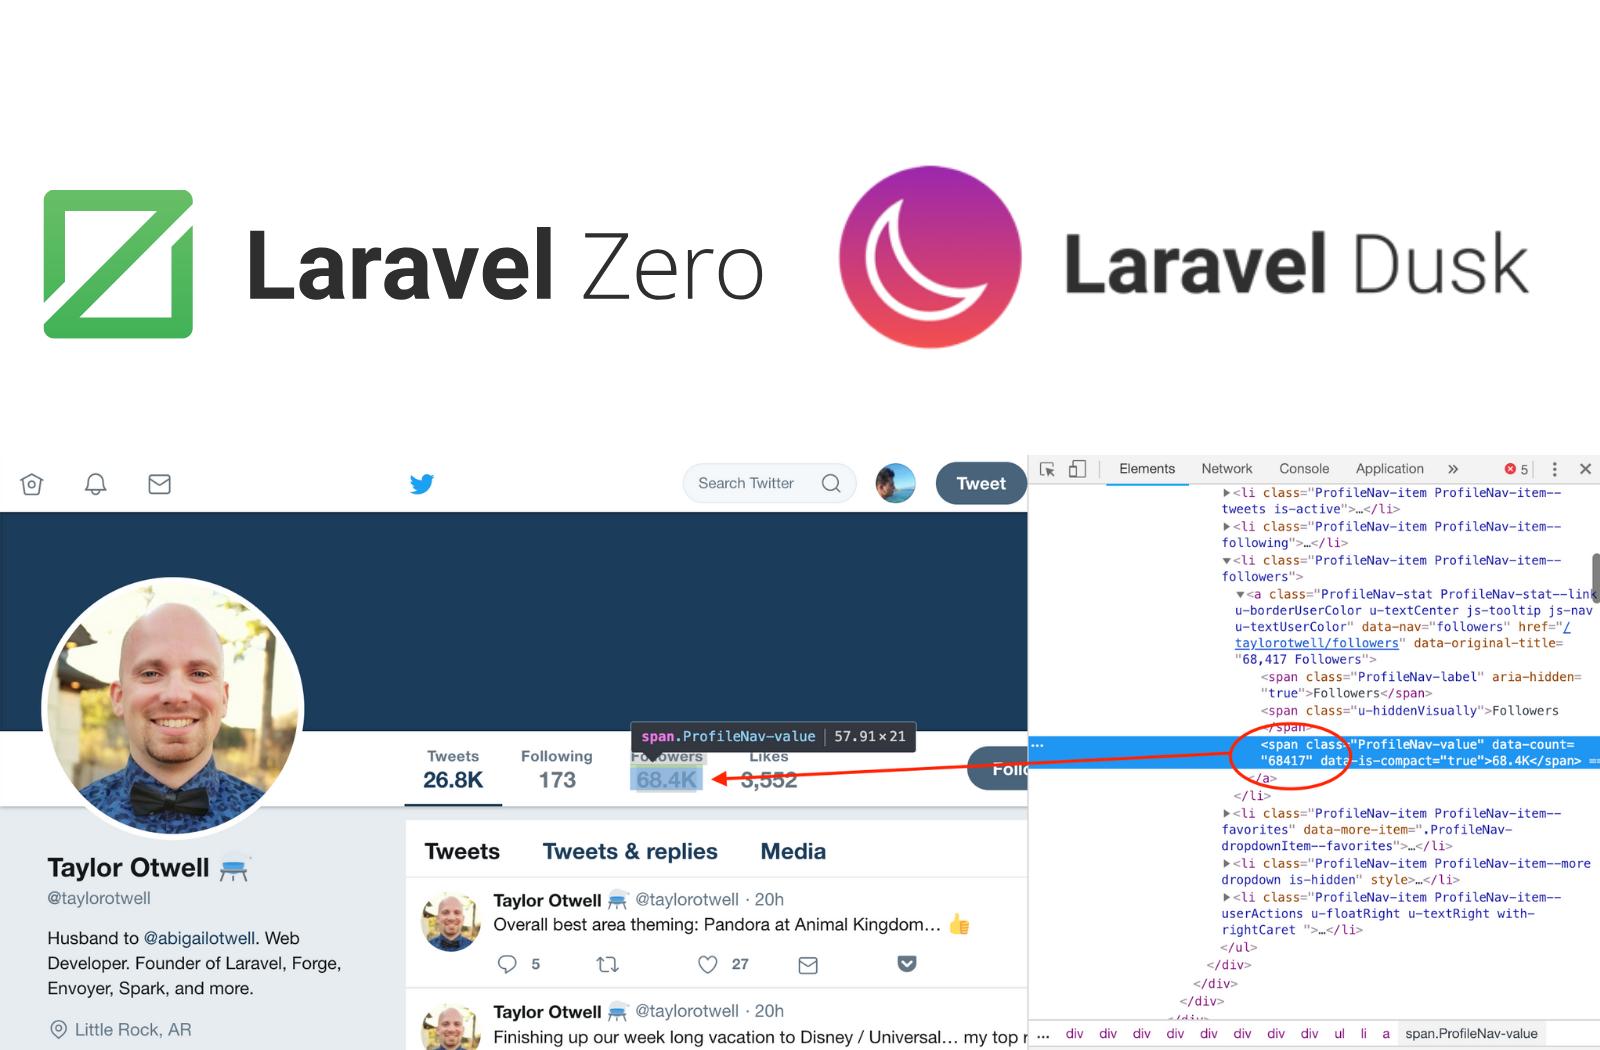 /laravel-zero-dusk-tracking-twitter-accounts-1100cab8f112 feature image